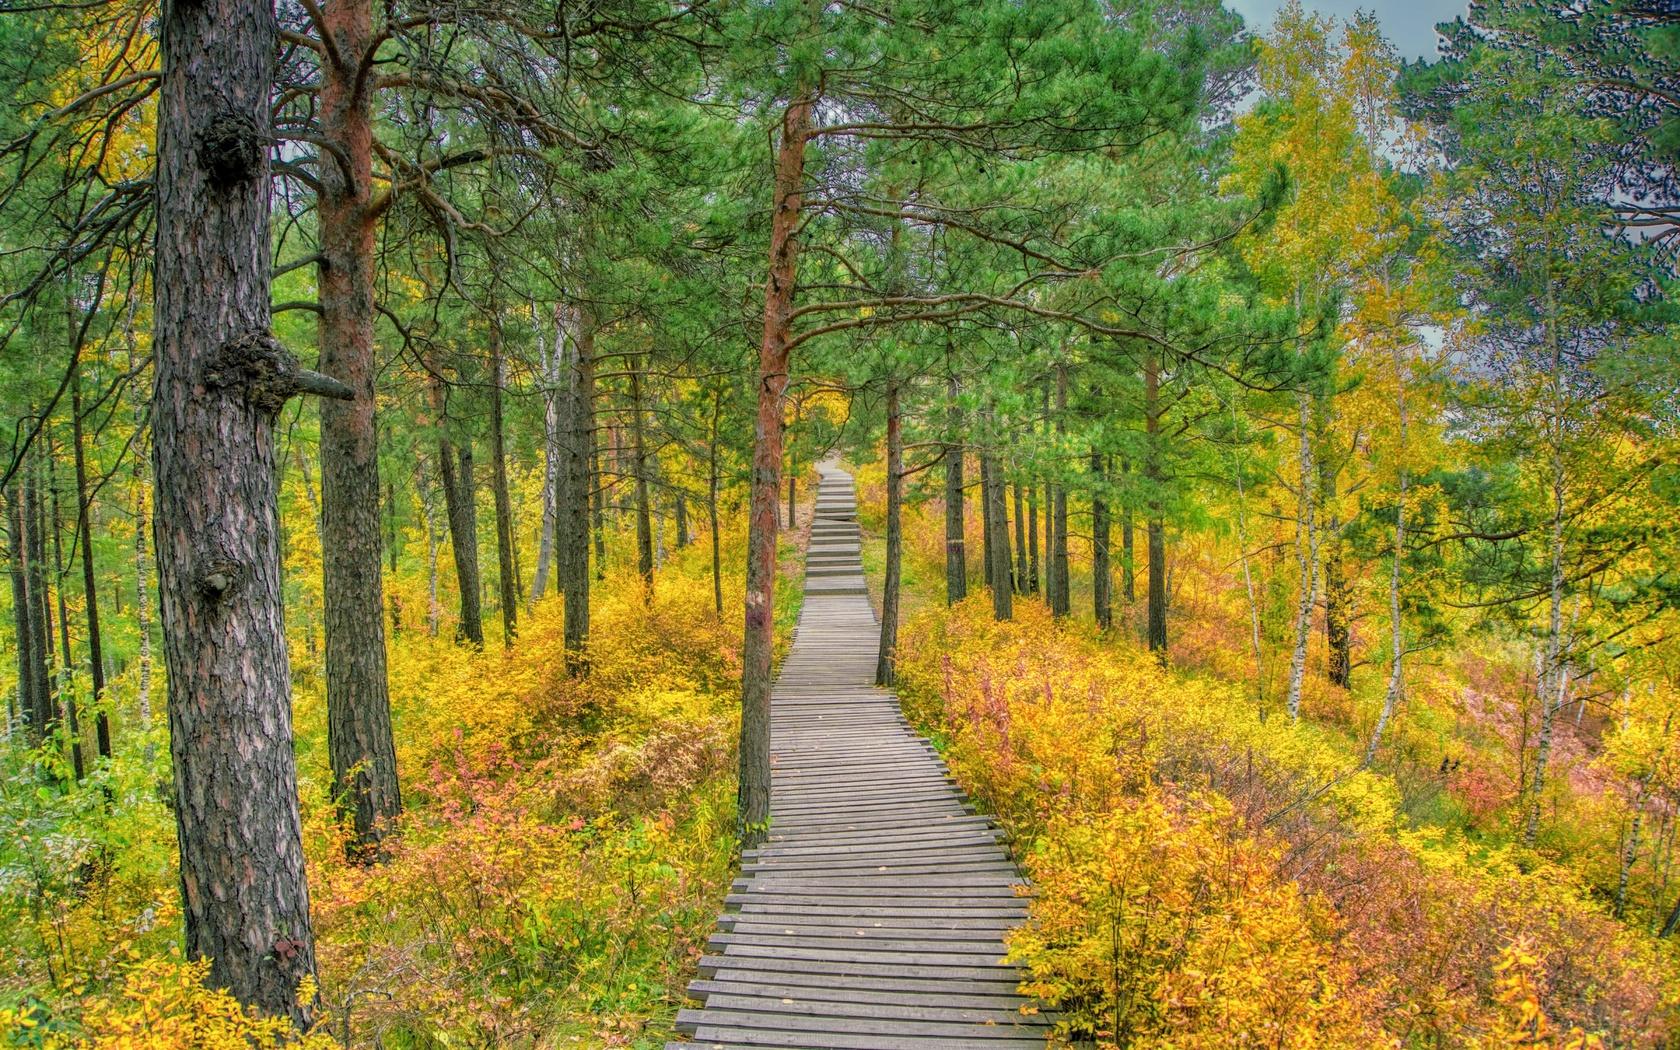 парк, деревья, дорожка